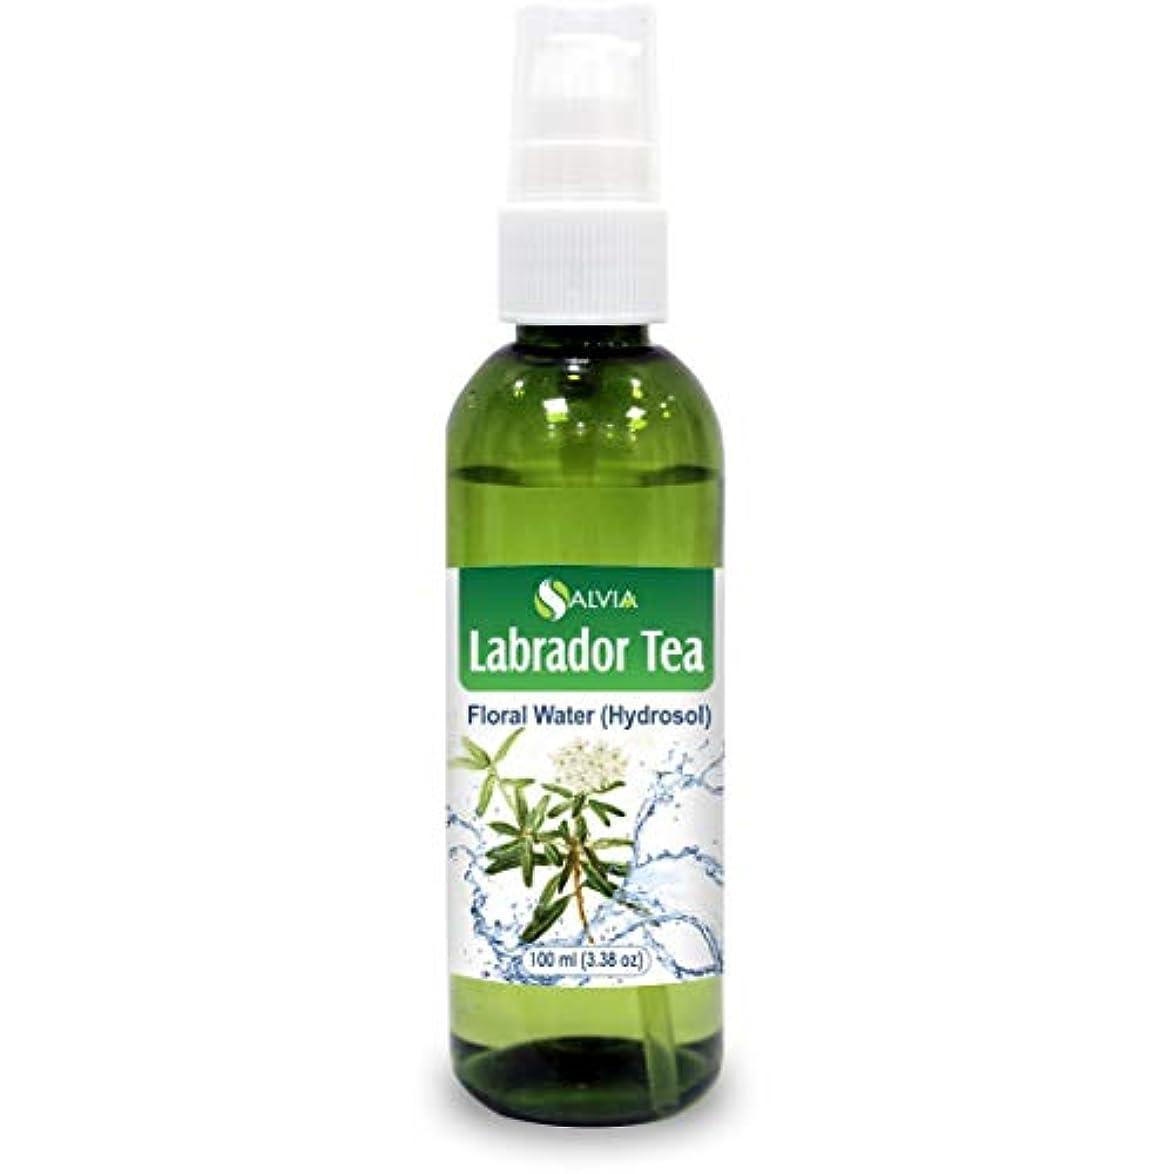 戦争形容詞起訴するLabrador Tea Floral Water 100ml (Hydrosol) 100% Pure And Natural